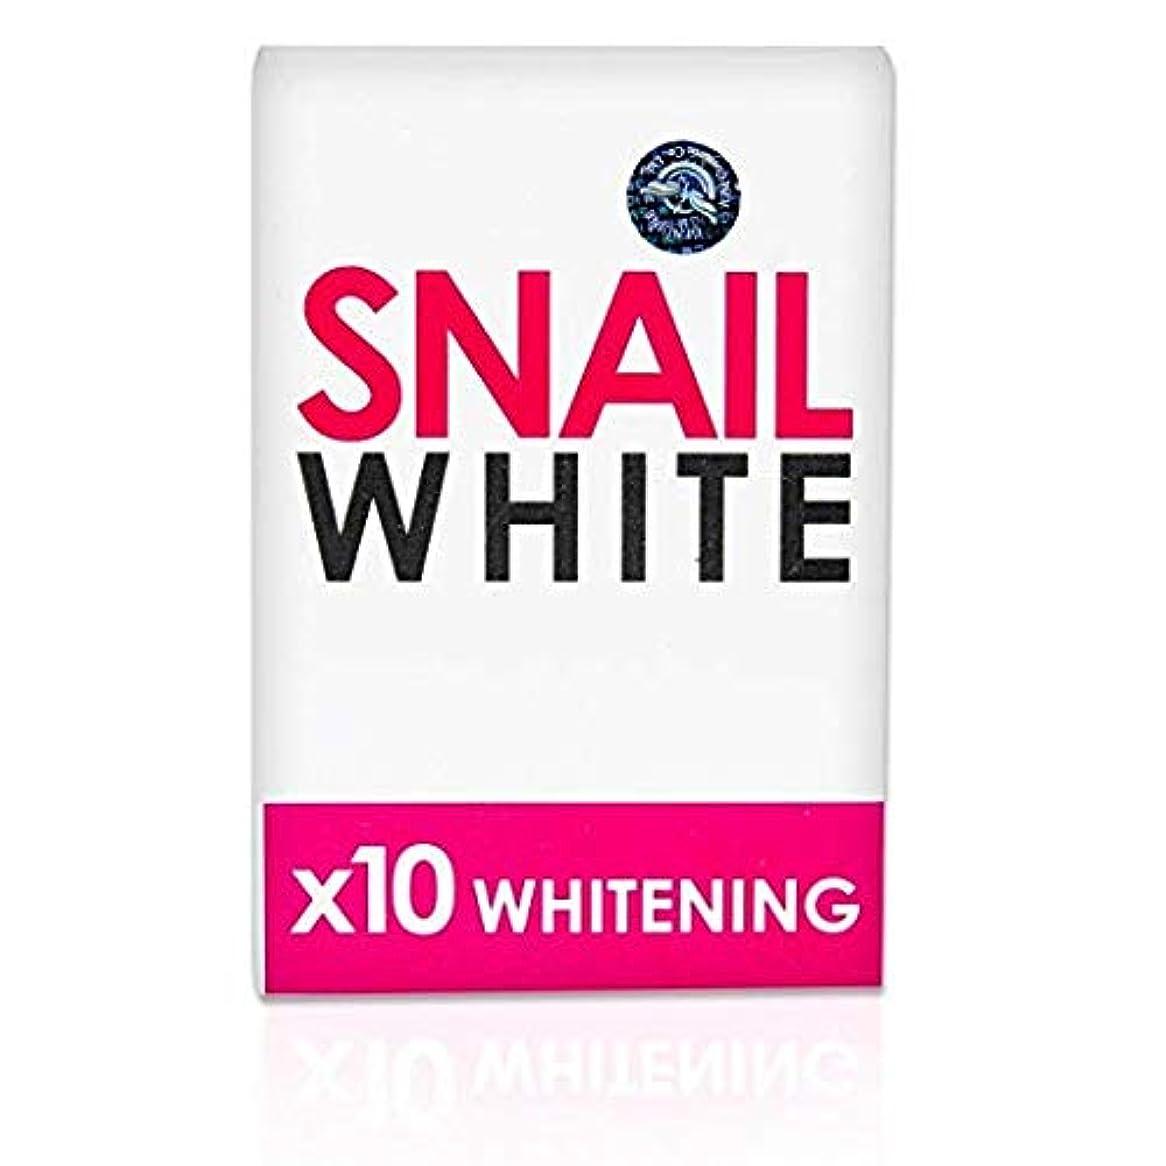 スネイルホワイト Gluta Snail White x10 Whitening by Dream ホワイトニング 固形石鹸 2個